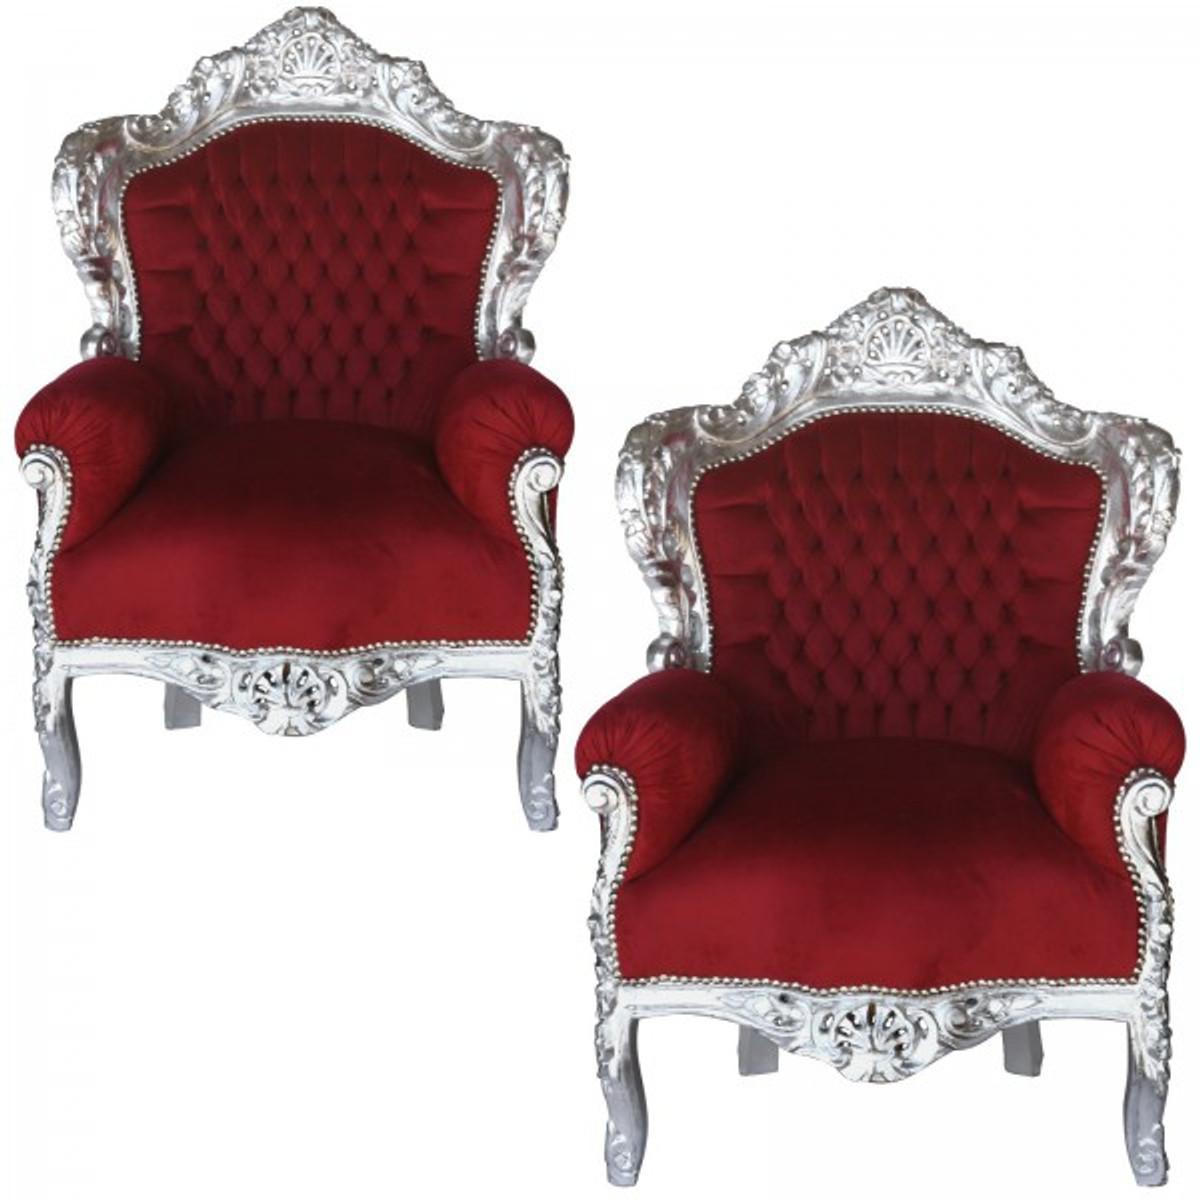 [Paket] Zwei Sessel Bordeauxrot Barock Polstermöbel Wohnzimmer Set Massiv  Holz Silbern